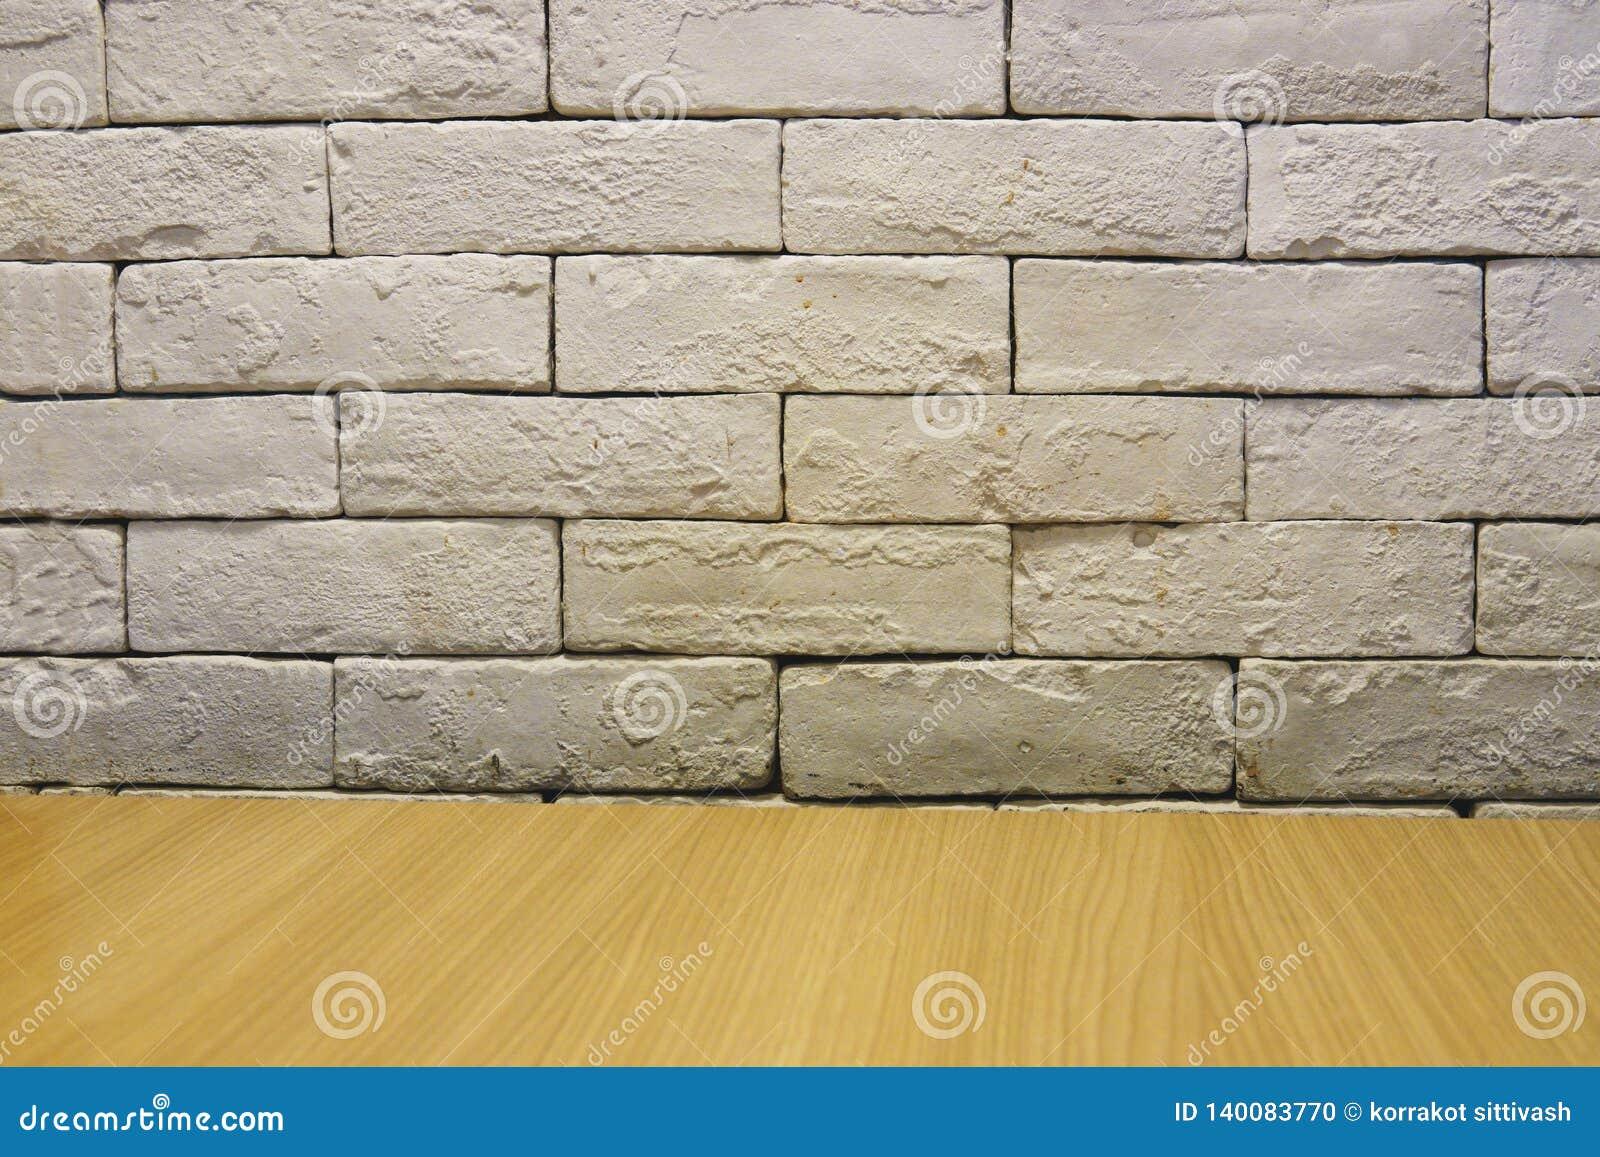 Fondo de la pared vieja del ladrillo blanco vacío, piso de madera